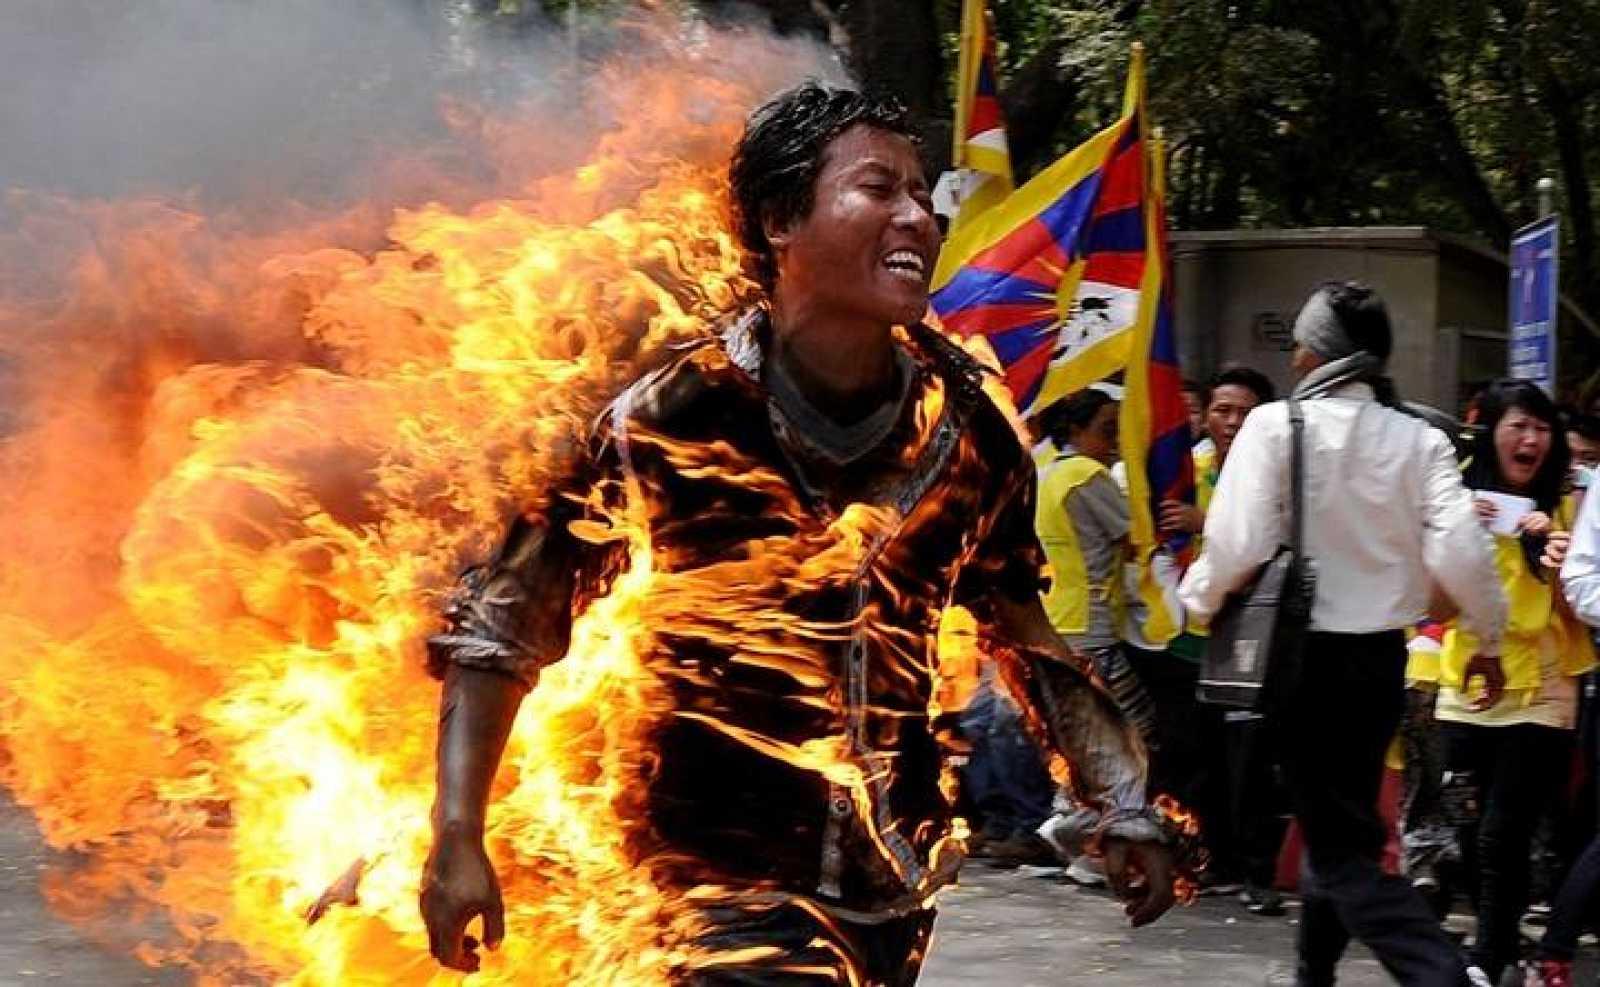 El exiliado tibetano Janphel Yeshi, de 27 años, envuelto en llamas tras prenderse fuego en Nueva Delhi